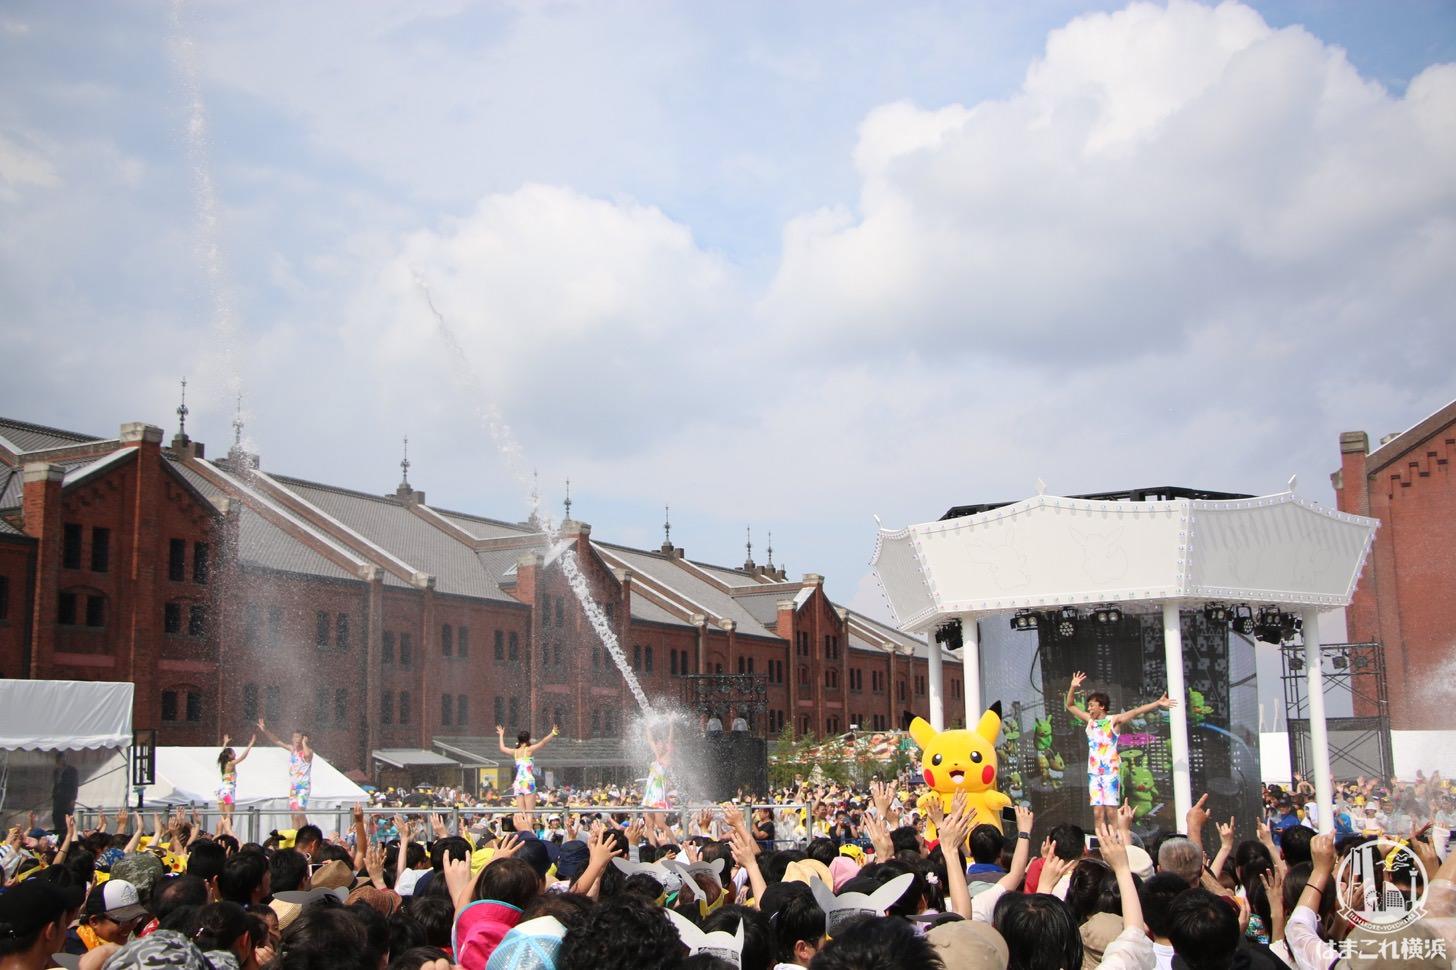 ずぶぬれスプラッシュショー(昼)